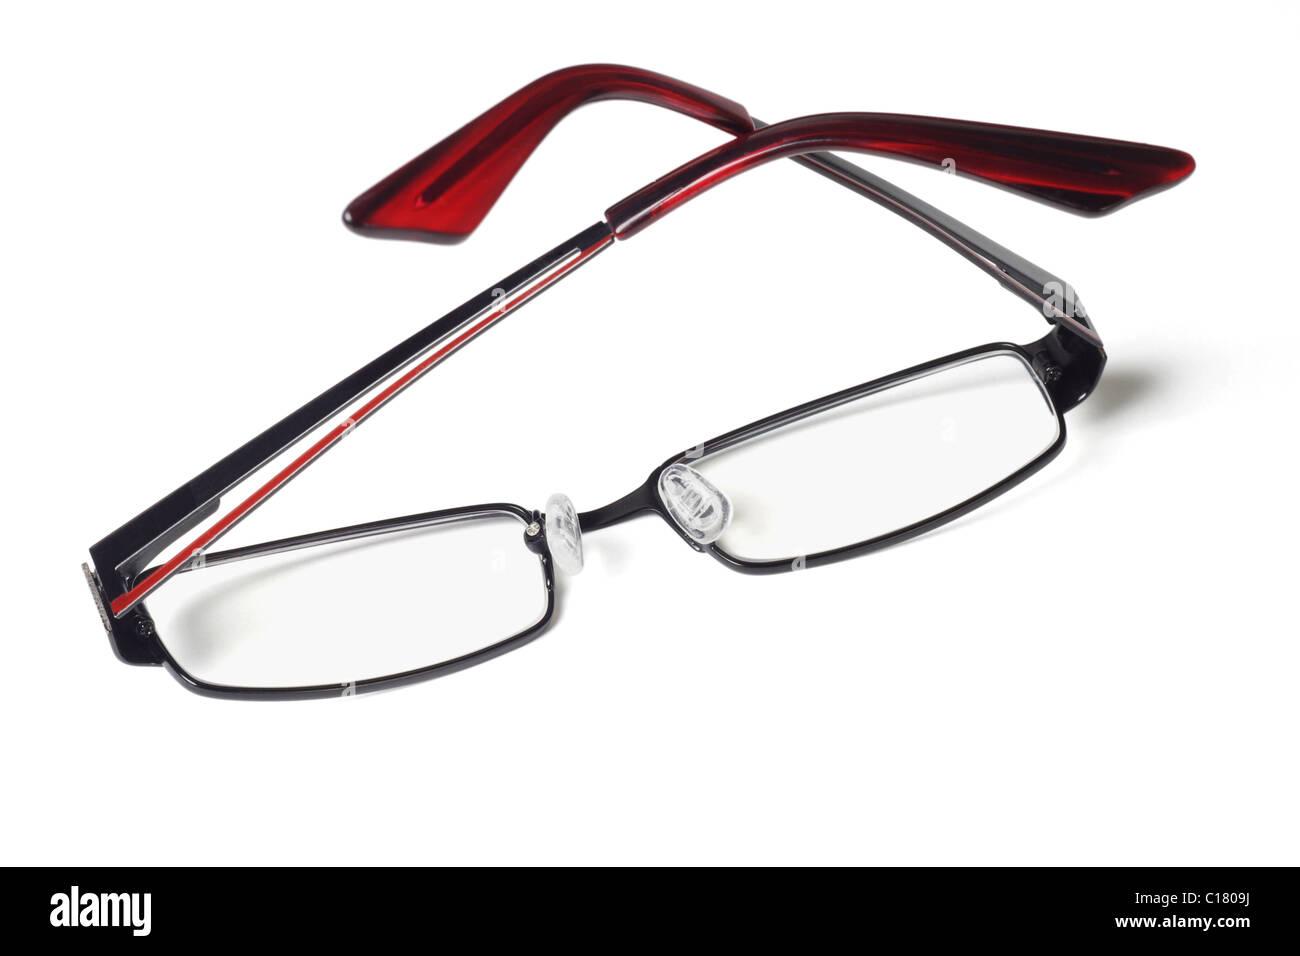 Fashionable eyeglasses on white background - Stock Image